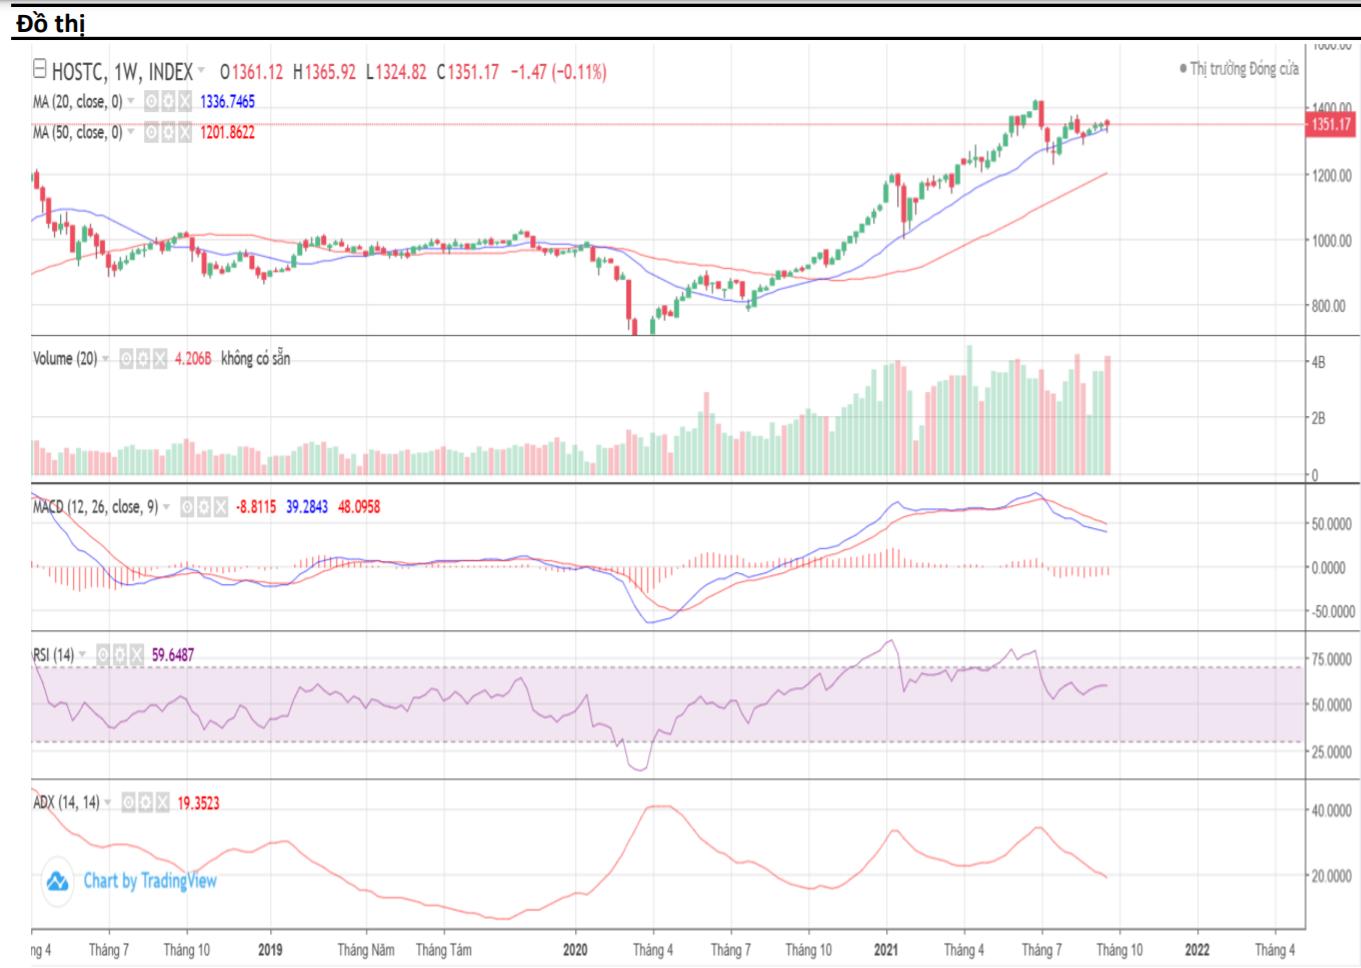 Nhận định thị trường chứng khoán tuần 27/9 - 1/10: Đón sóng đầu tư tháng 10 - Ảnh 1.